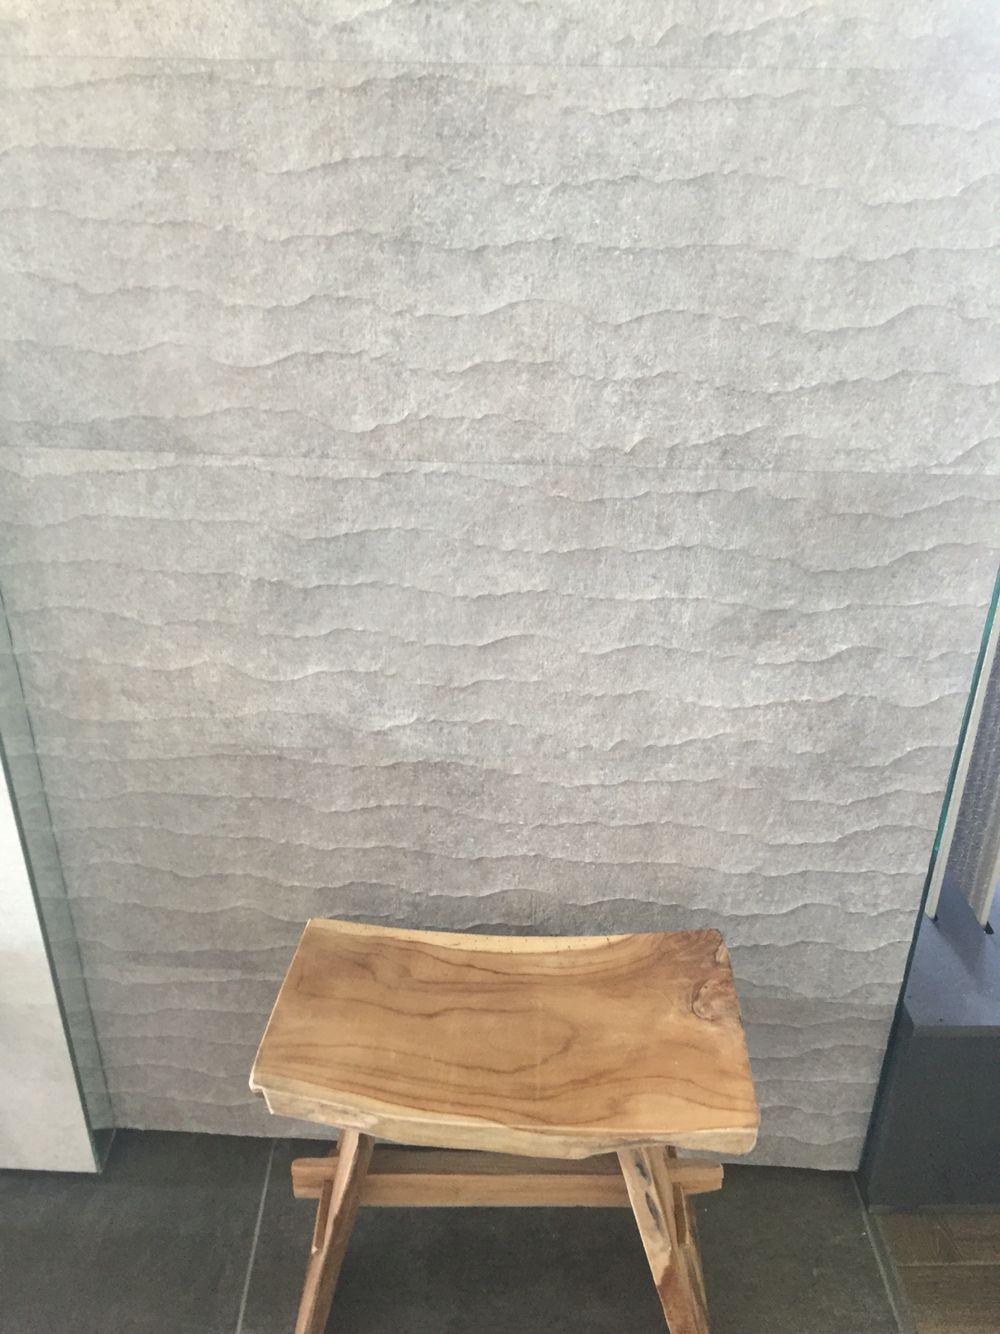 venis badkamer tegels contour 100x33,3 cm | Venis en porcelanosa ...